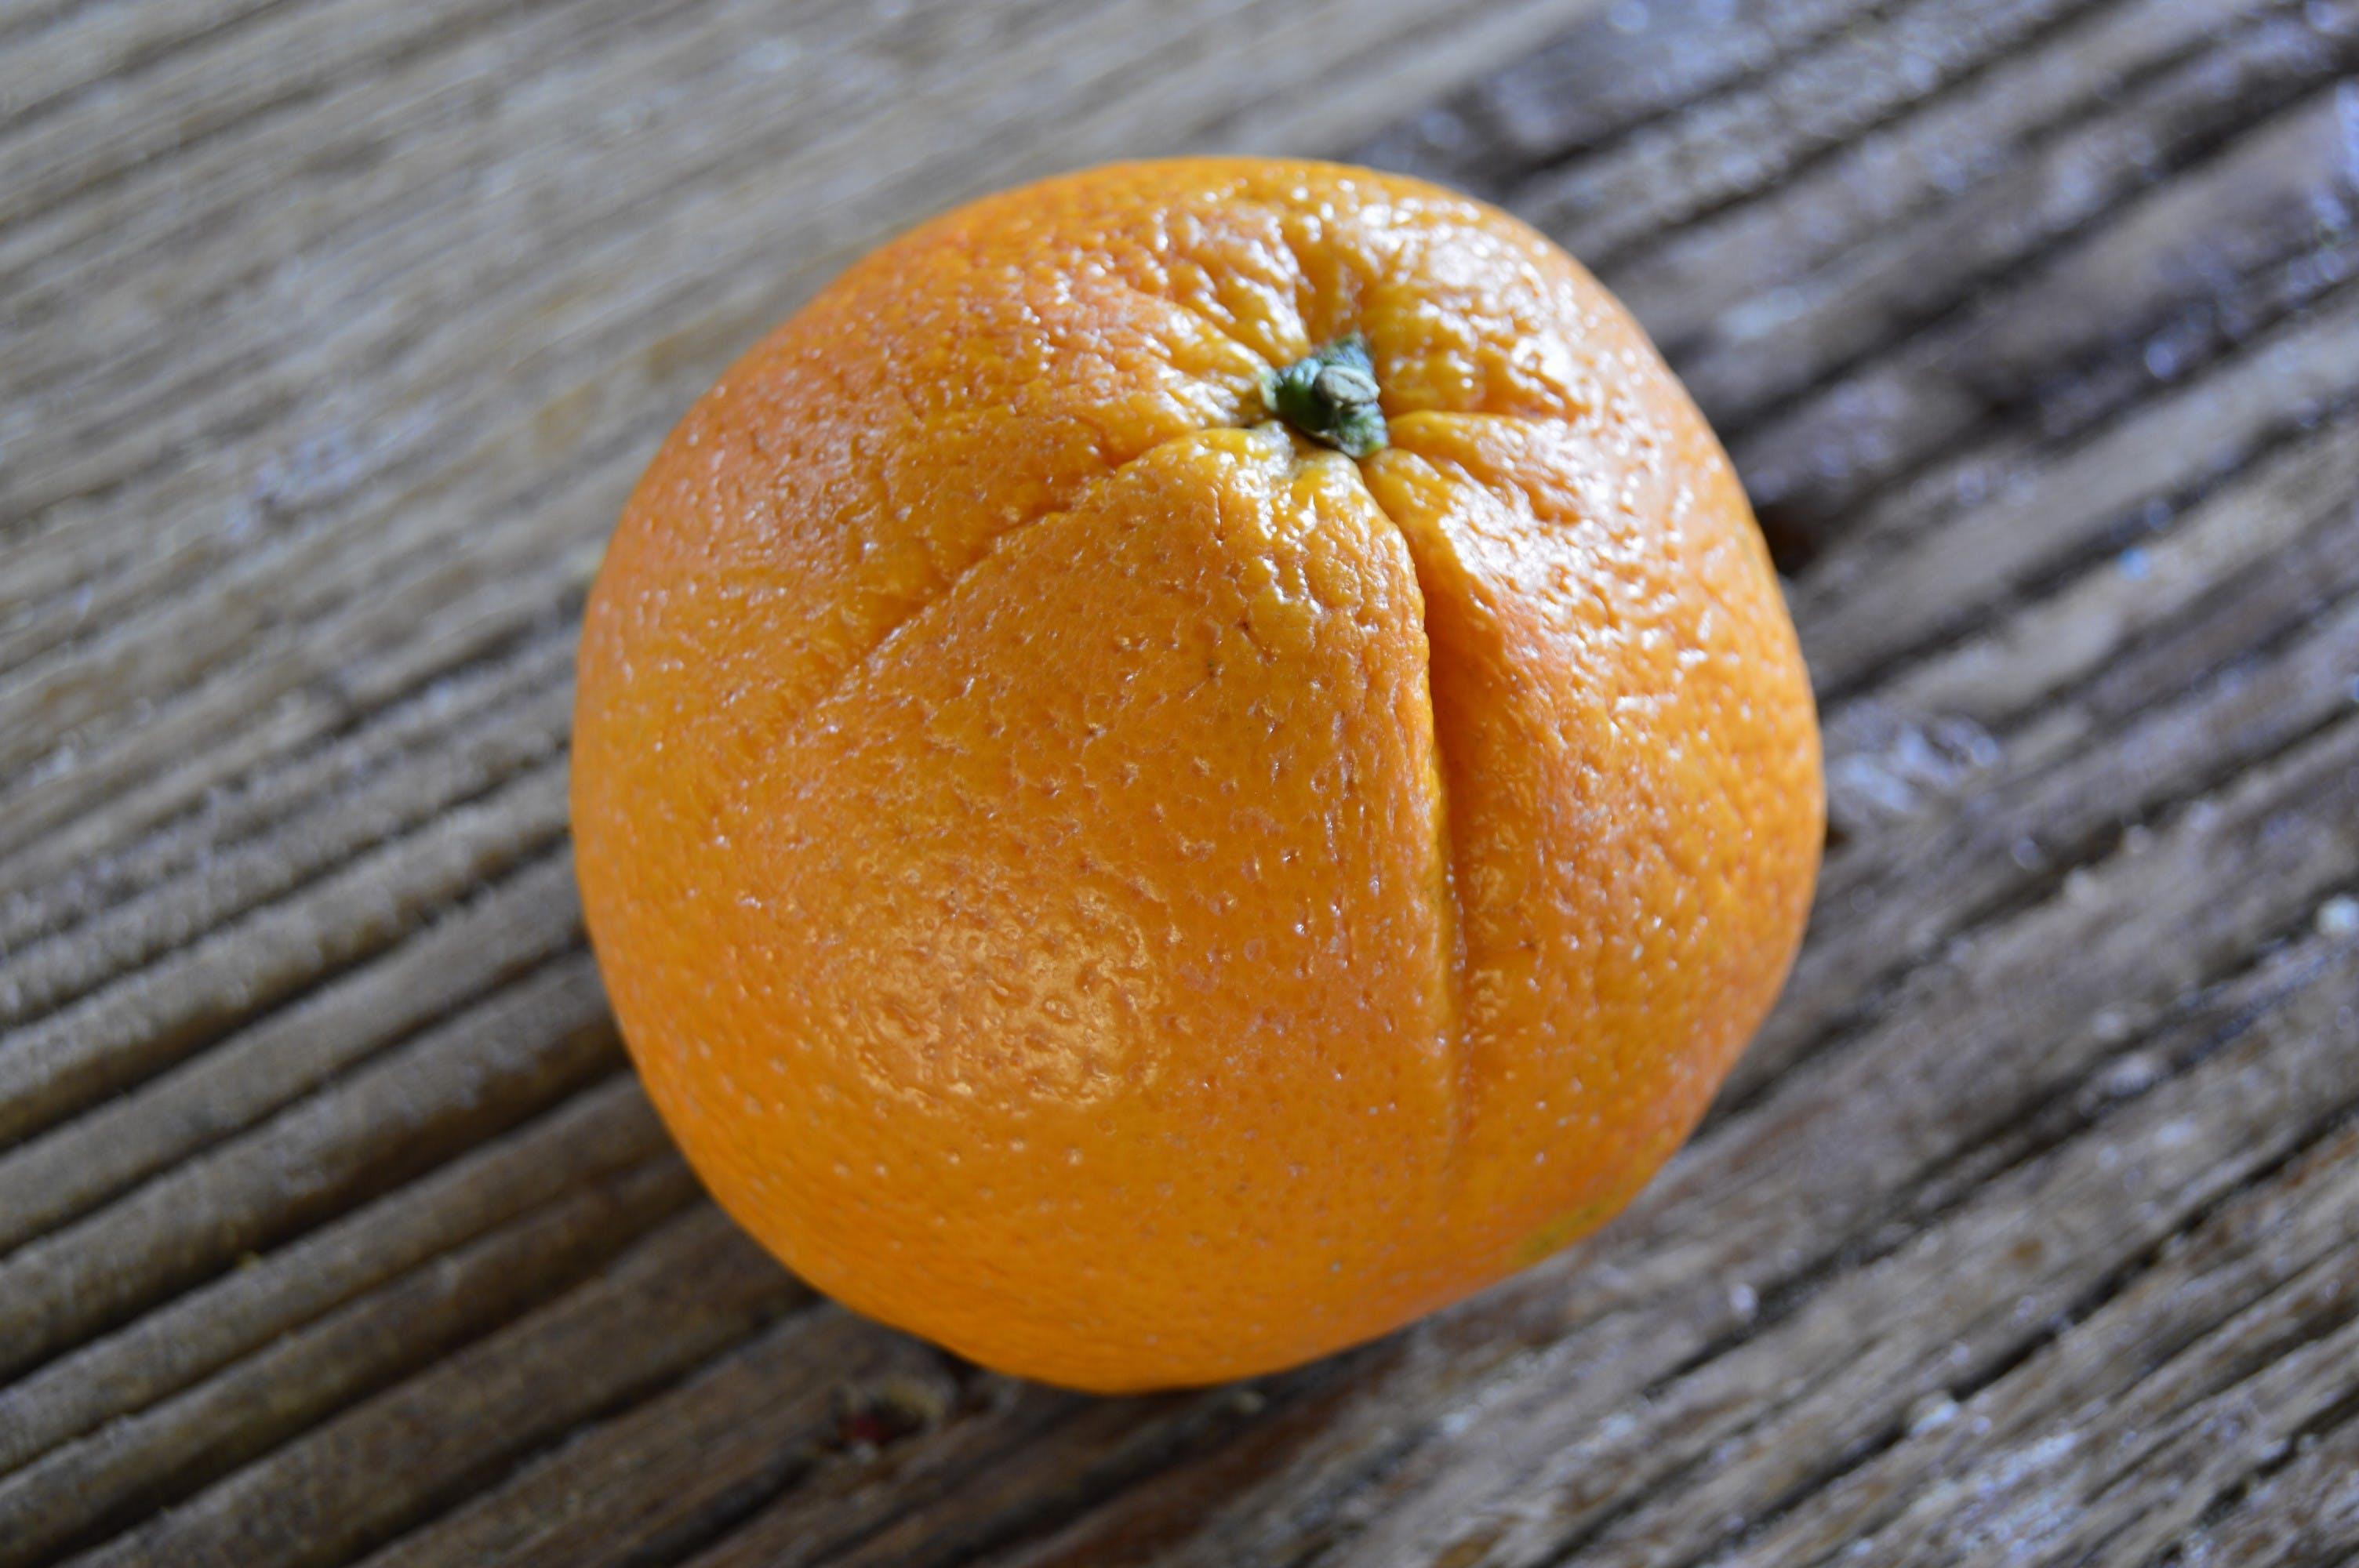 Free stock photo of table, orange, inside, fruit